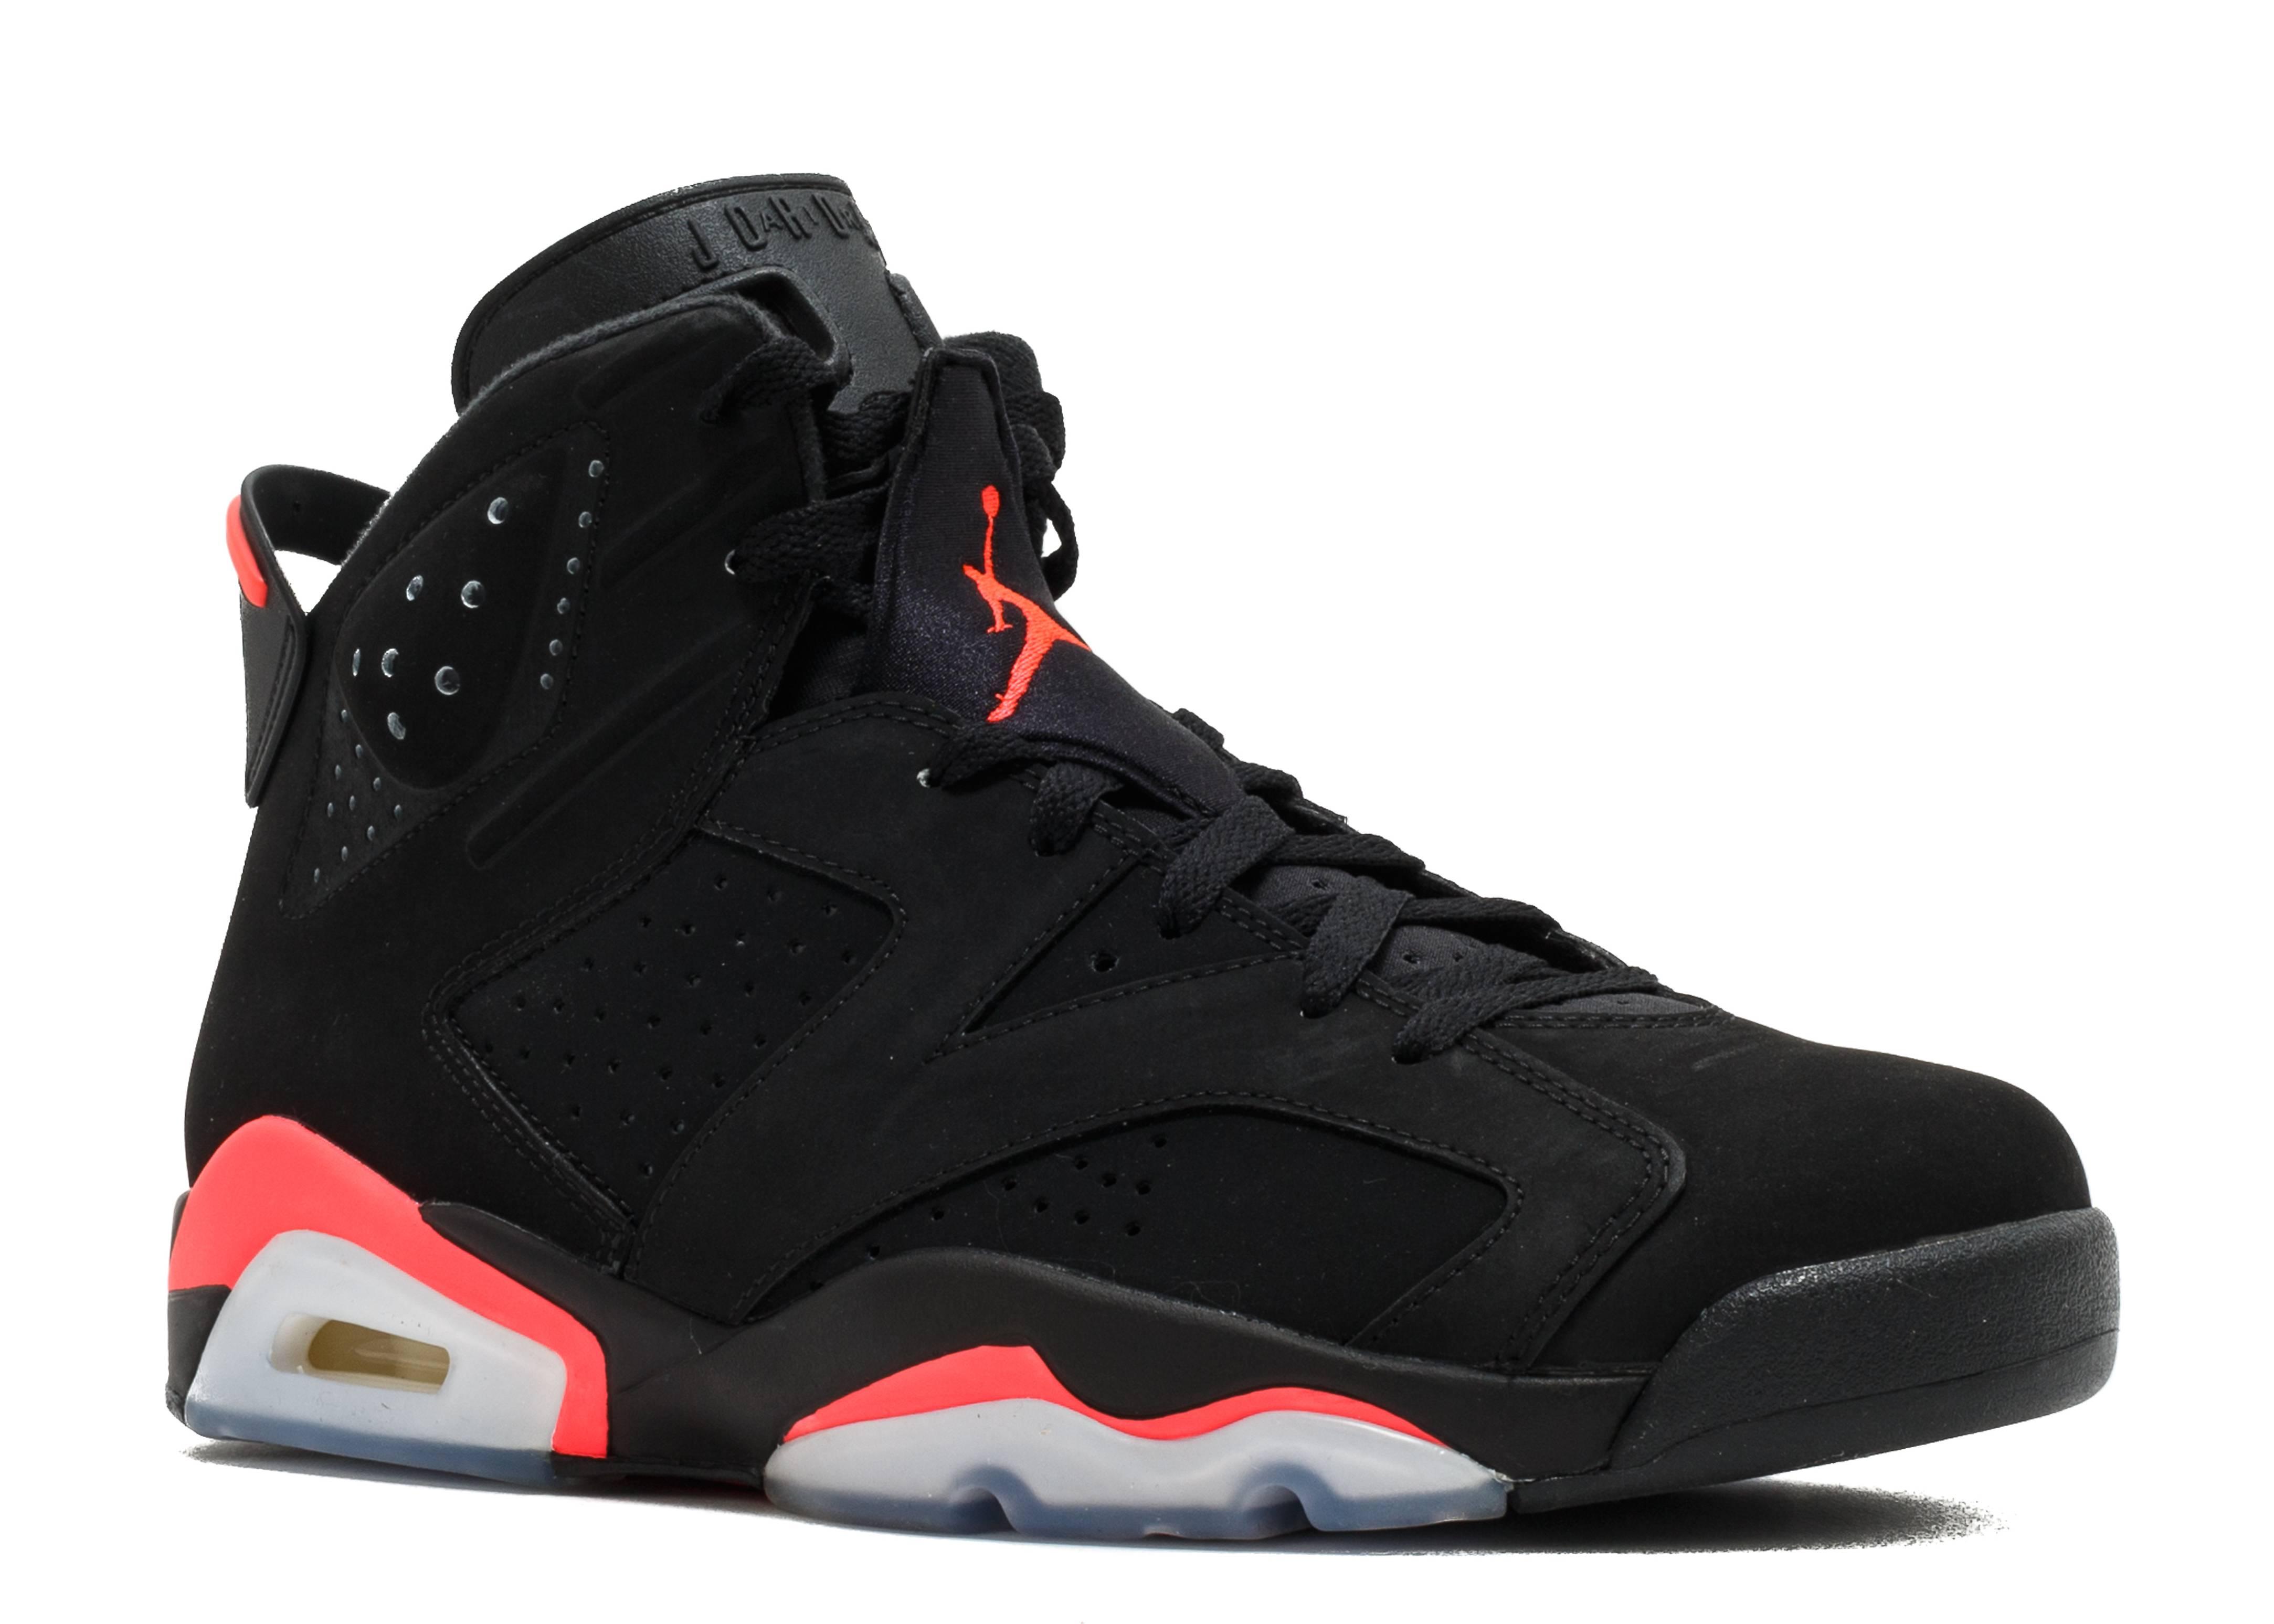 Nike Air Jordan 6 Black Infrared